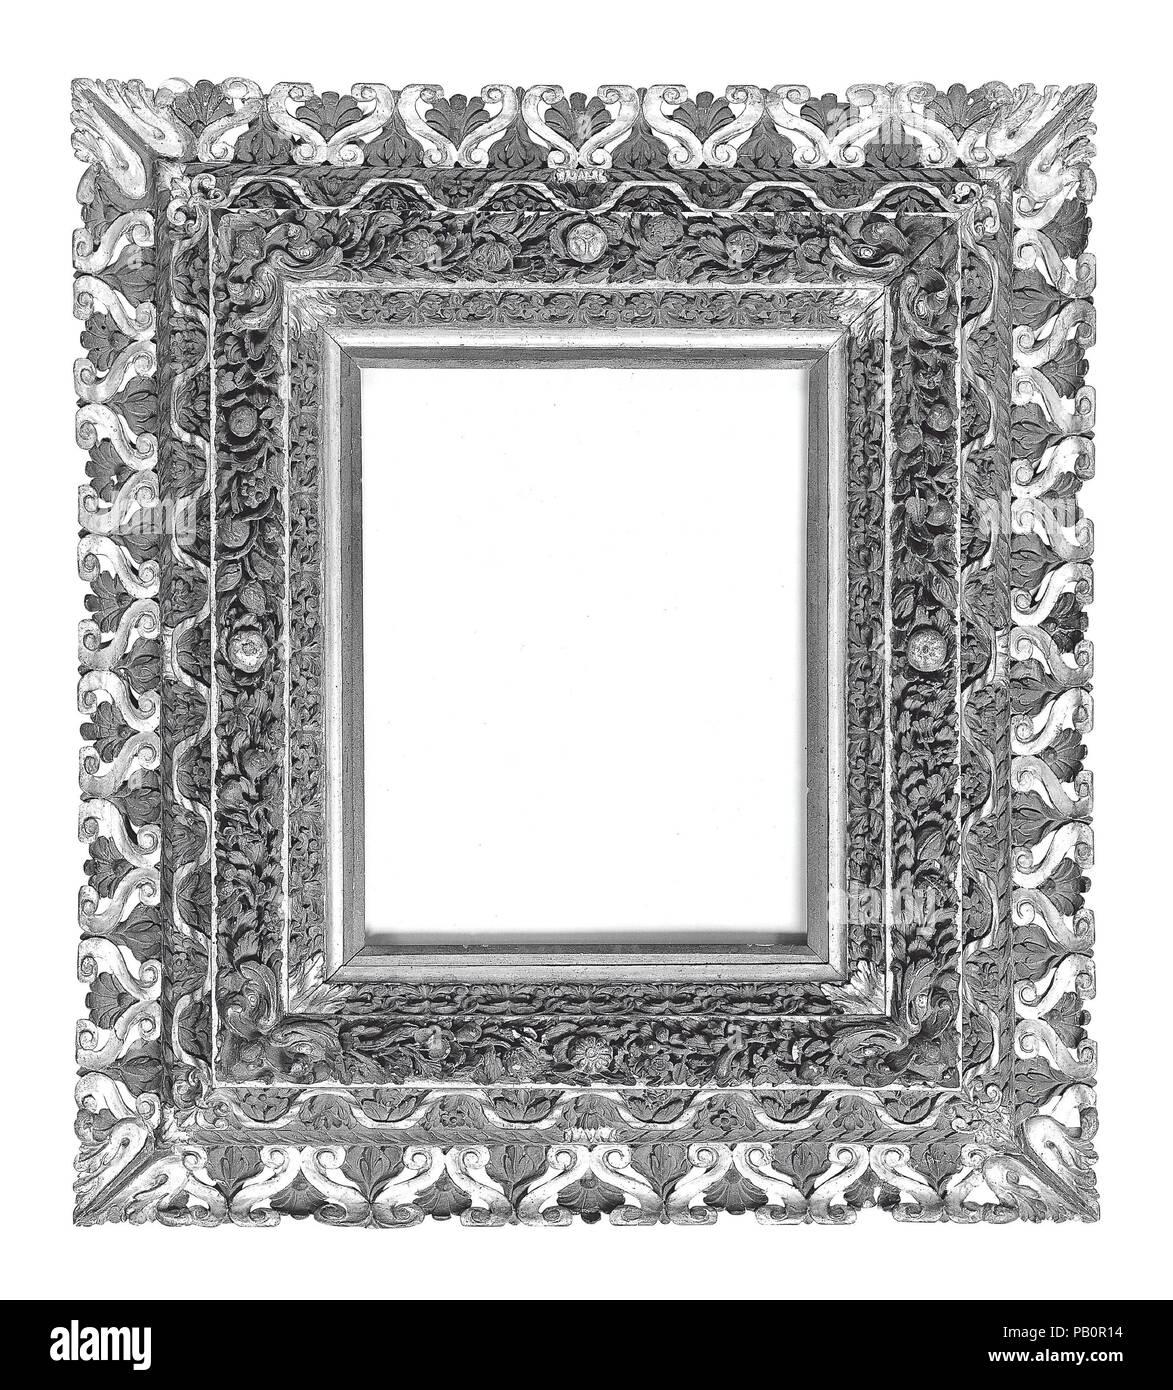 Kranz Rahmen. Kultur: Italienisch, Siena. Abmessungen: 107,5 x 94,5 ...